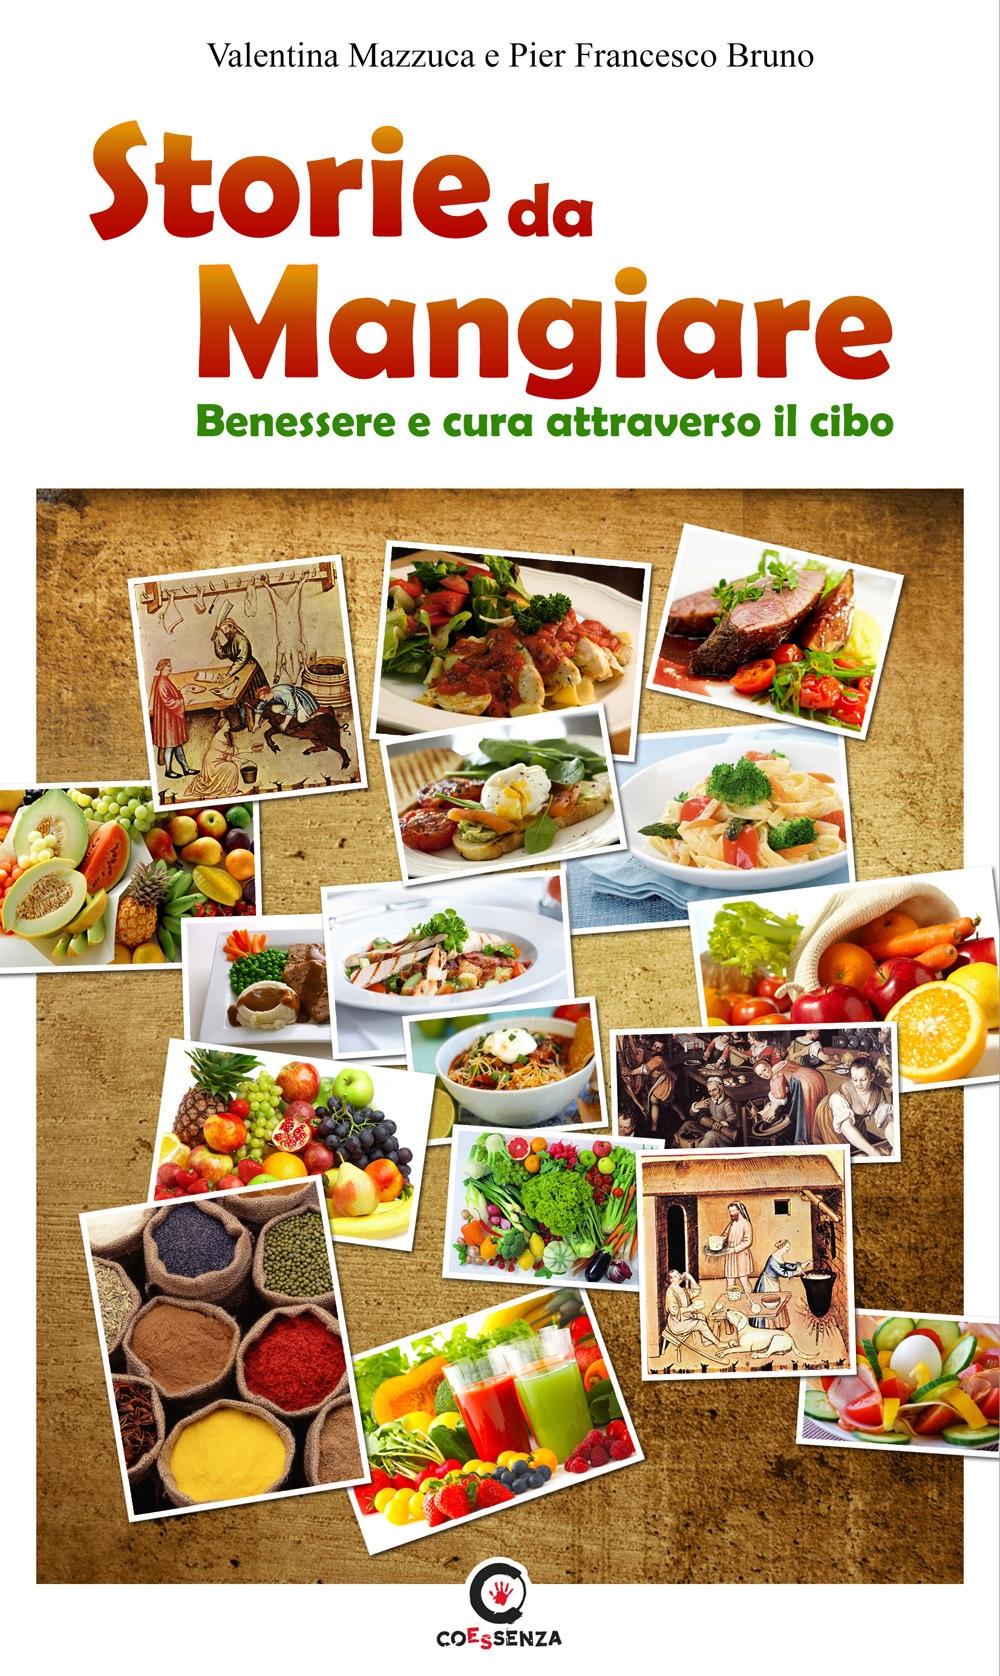 Storie da mangiare. Benessere e cura attraverso il cibo.